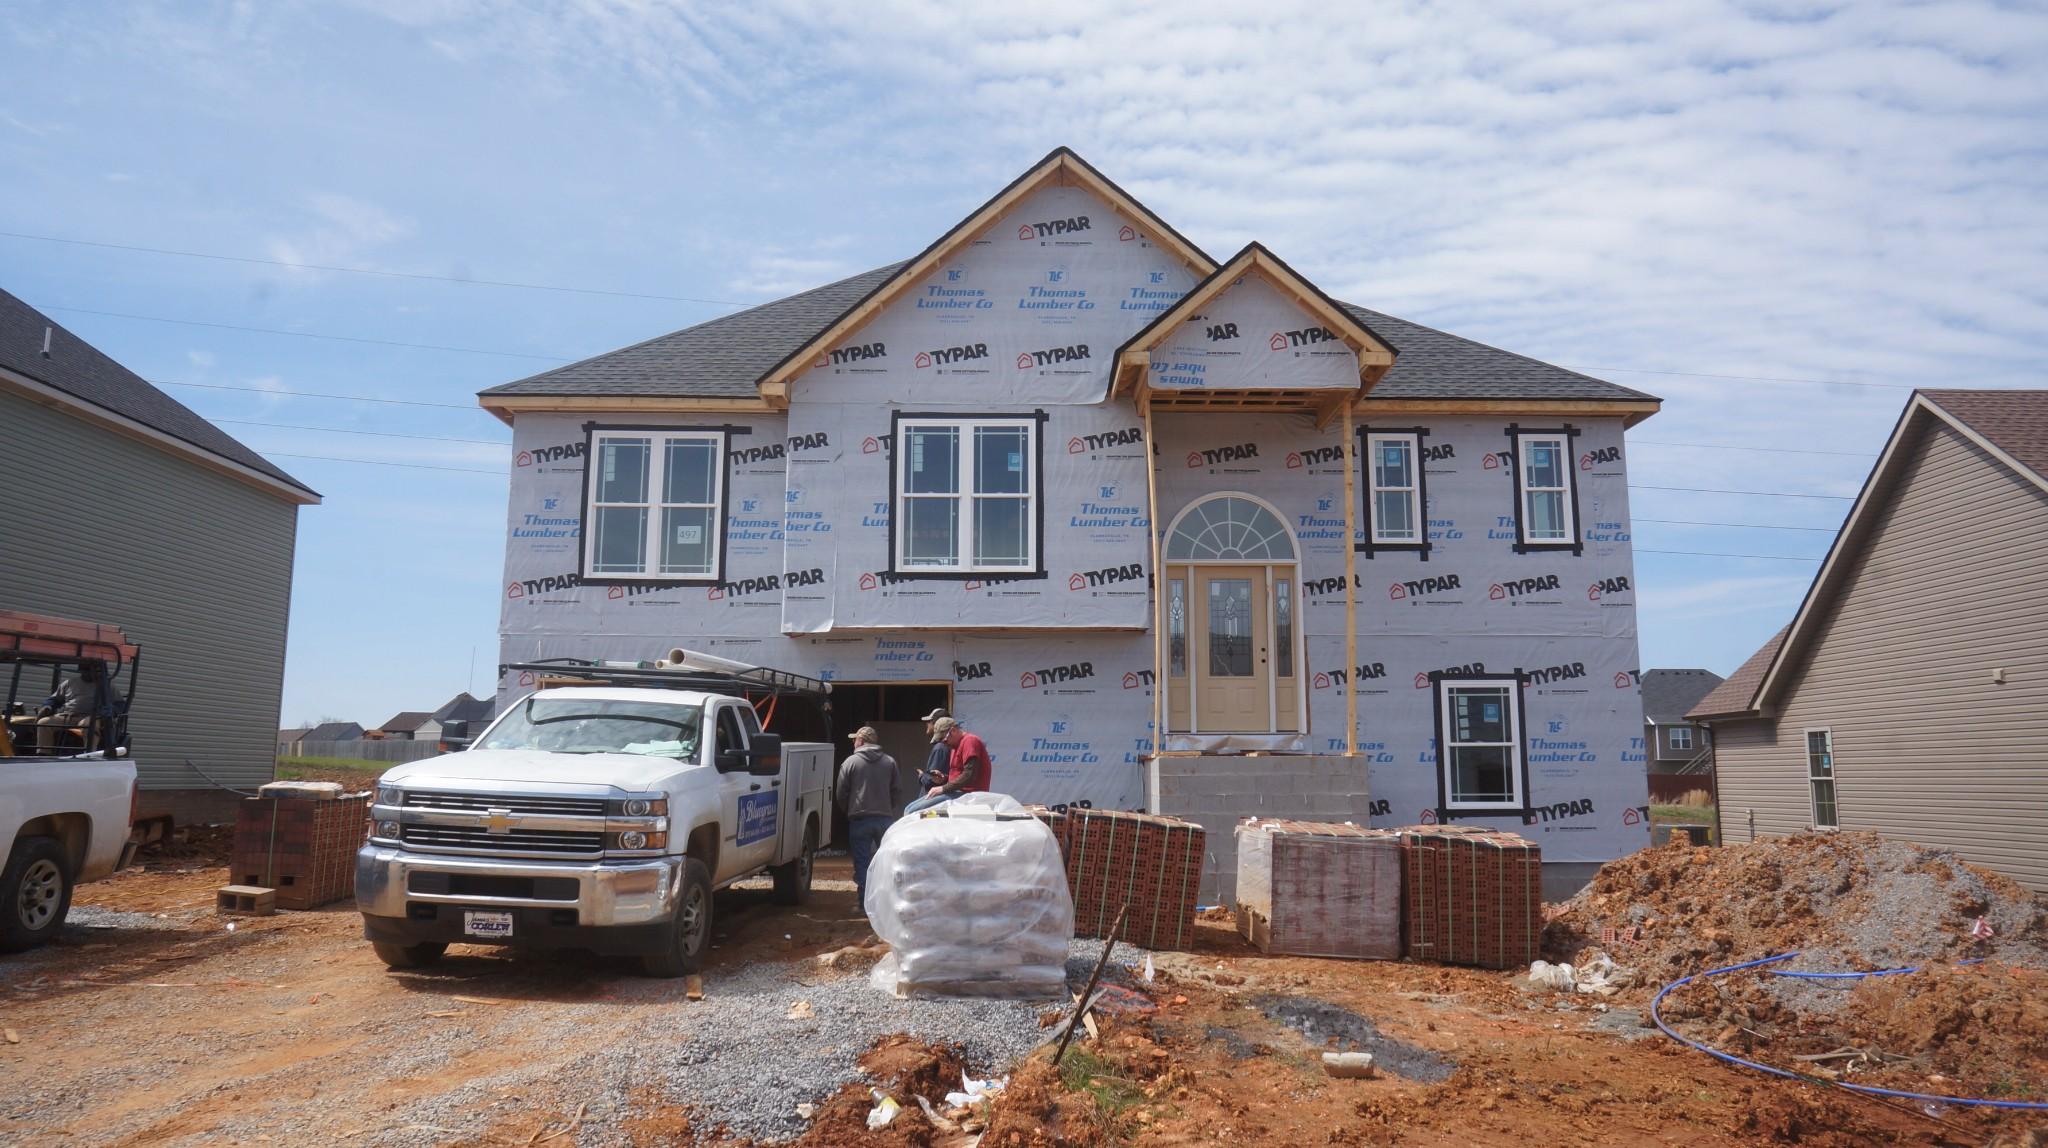 497 Autumnwood Farms, Clarksville, TN 37042 - Clarksville, TN real estate listing